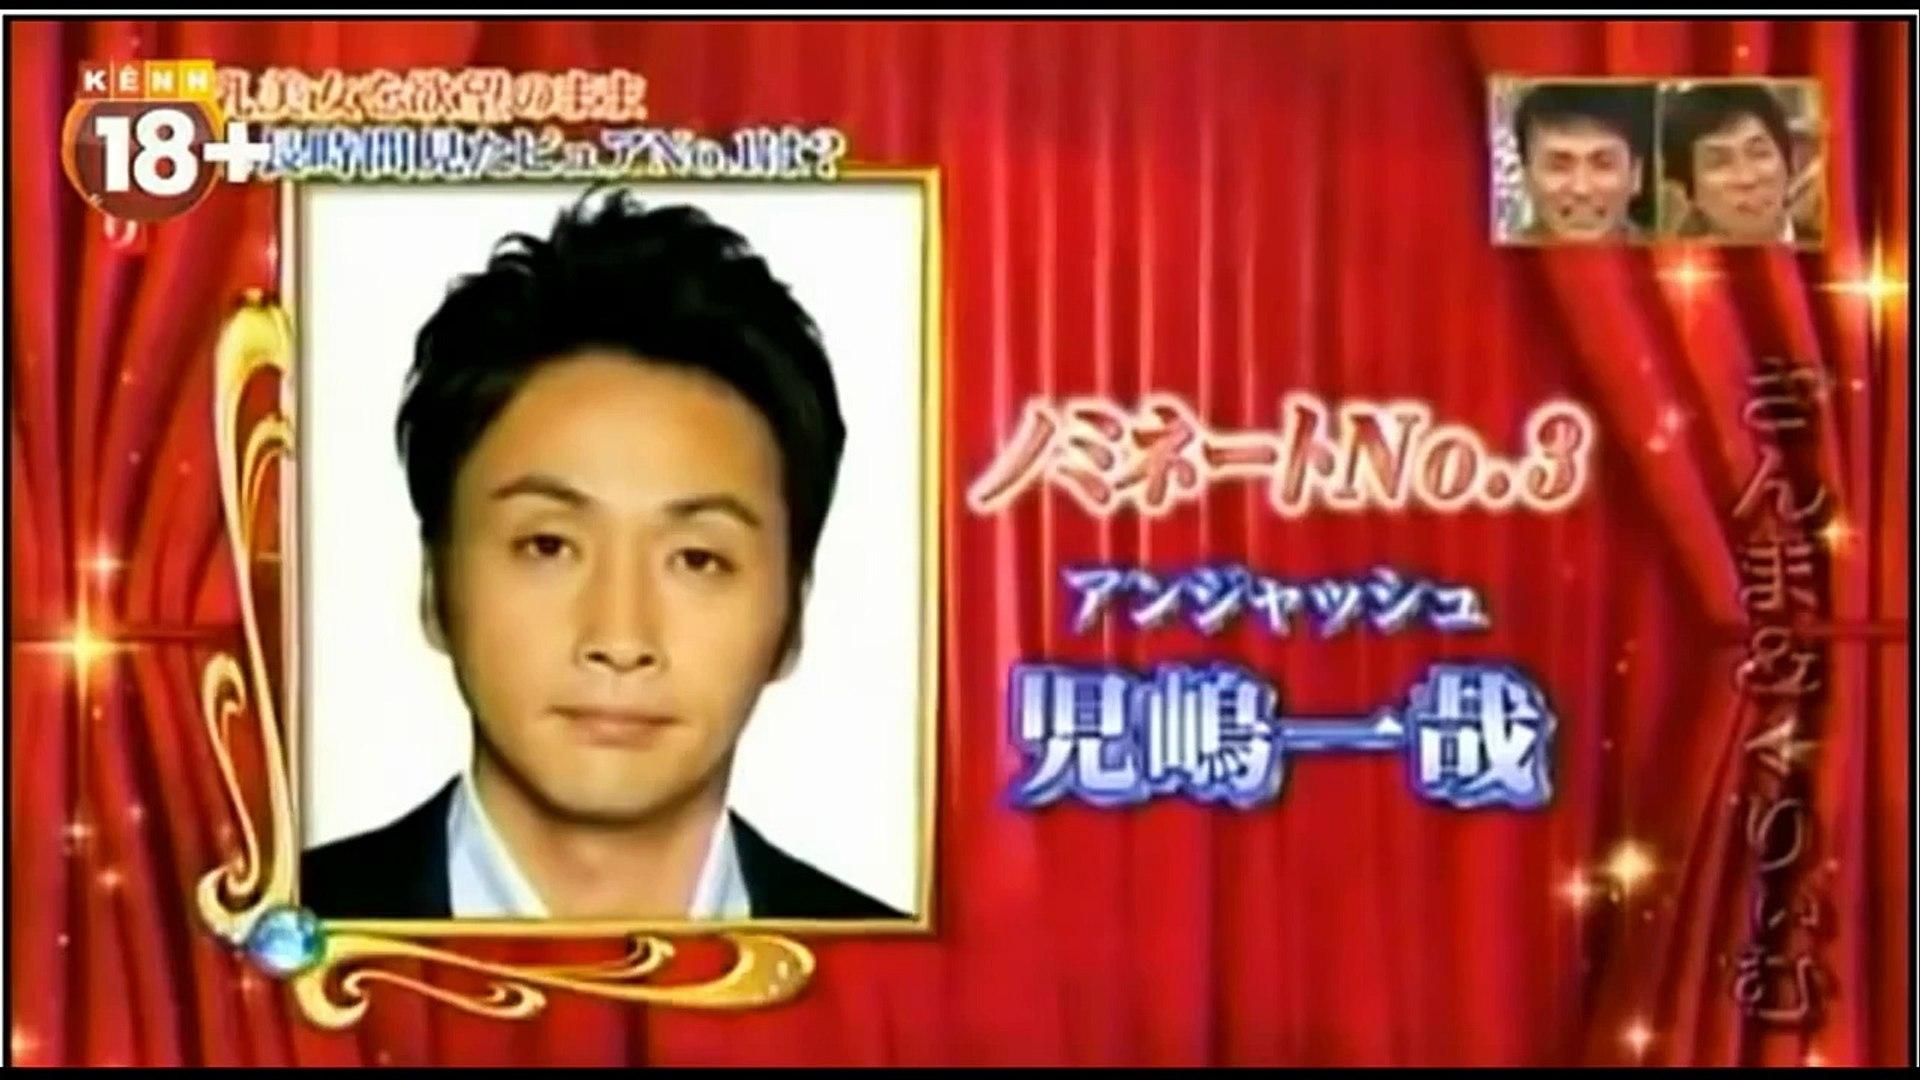 Thử sức chịu đựng của Đàn ông - Game Show Nhật full -Hài kịch ,Hài hước ,Clip hài,phim hài ,funny